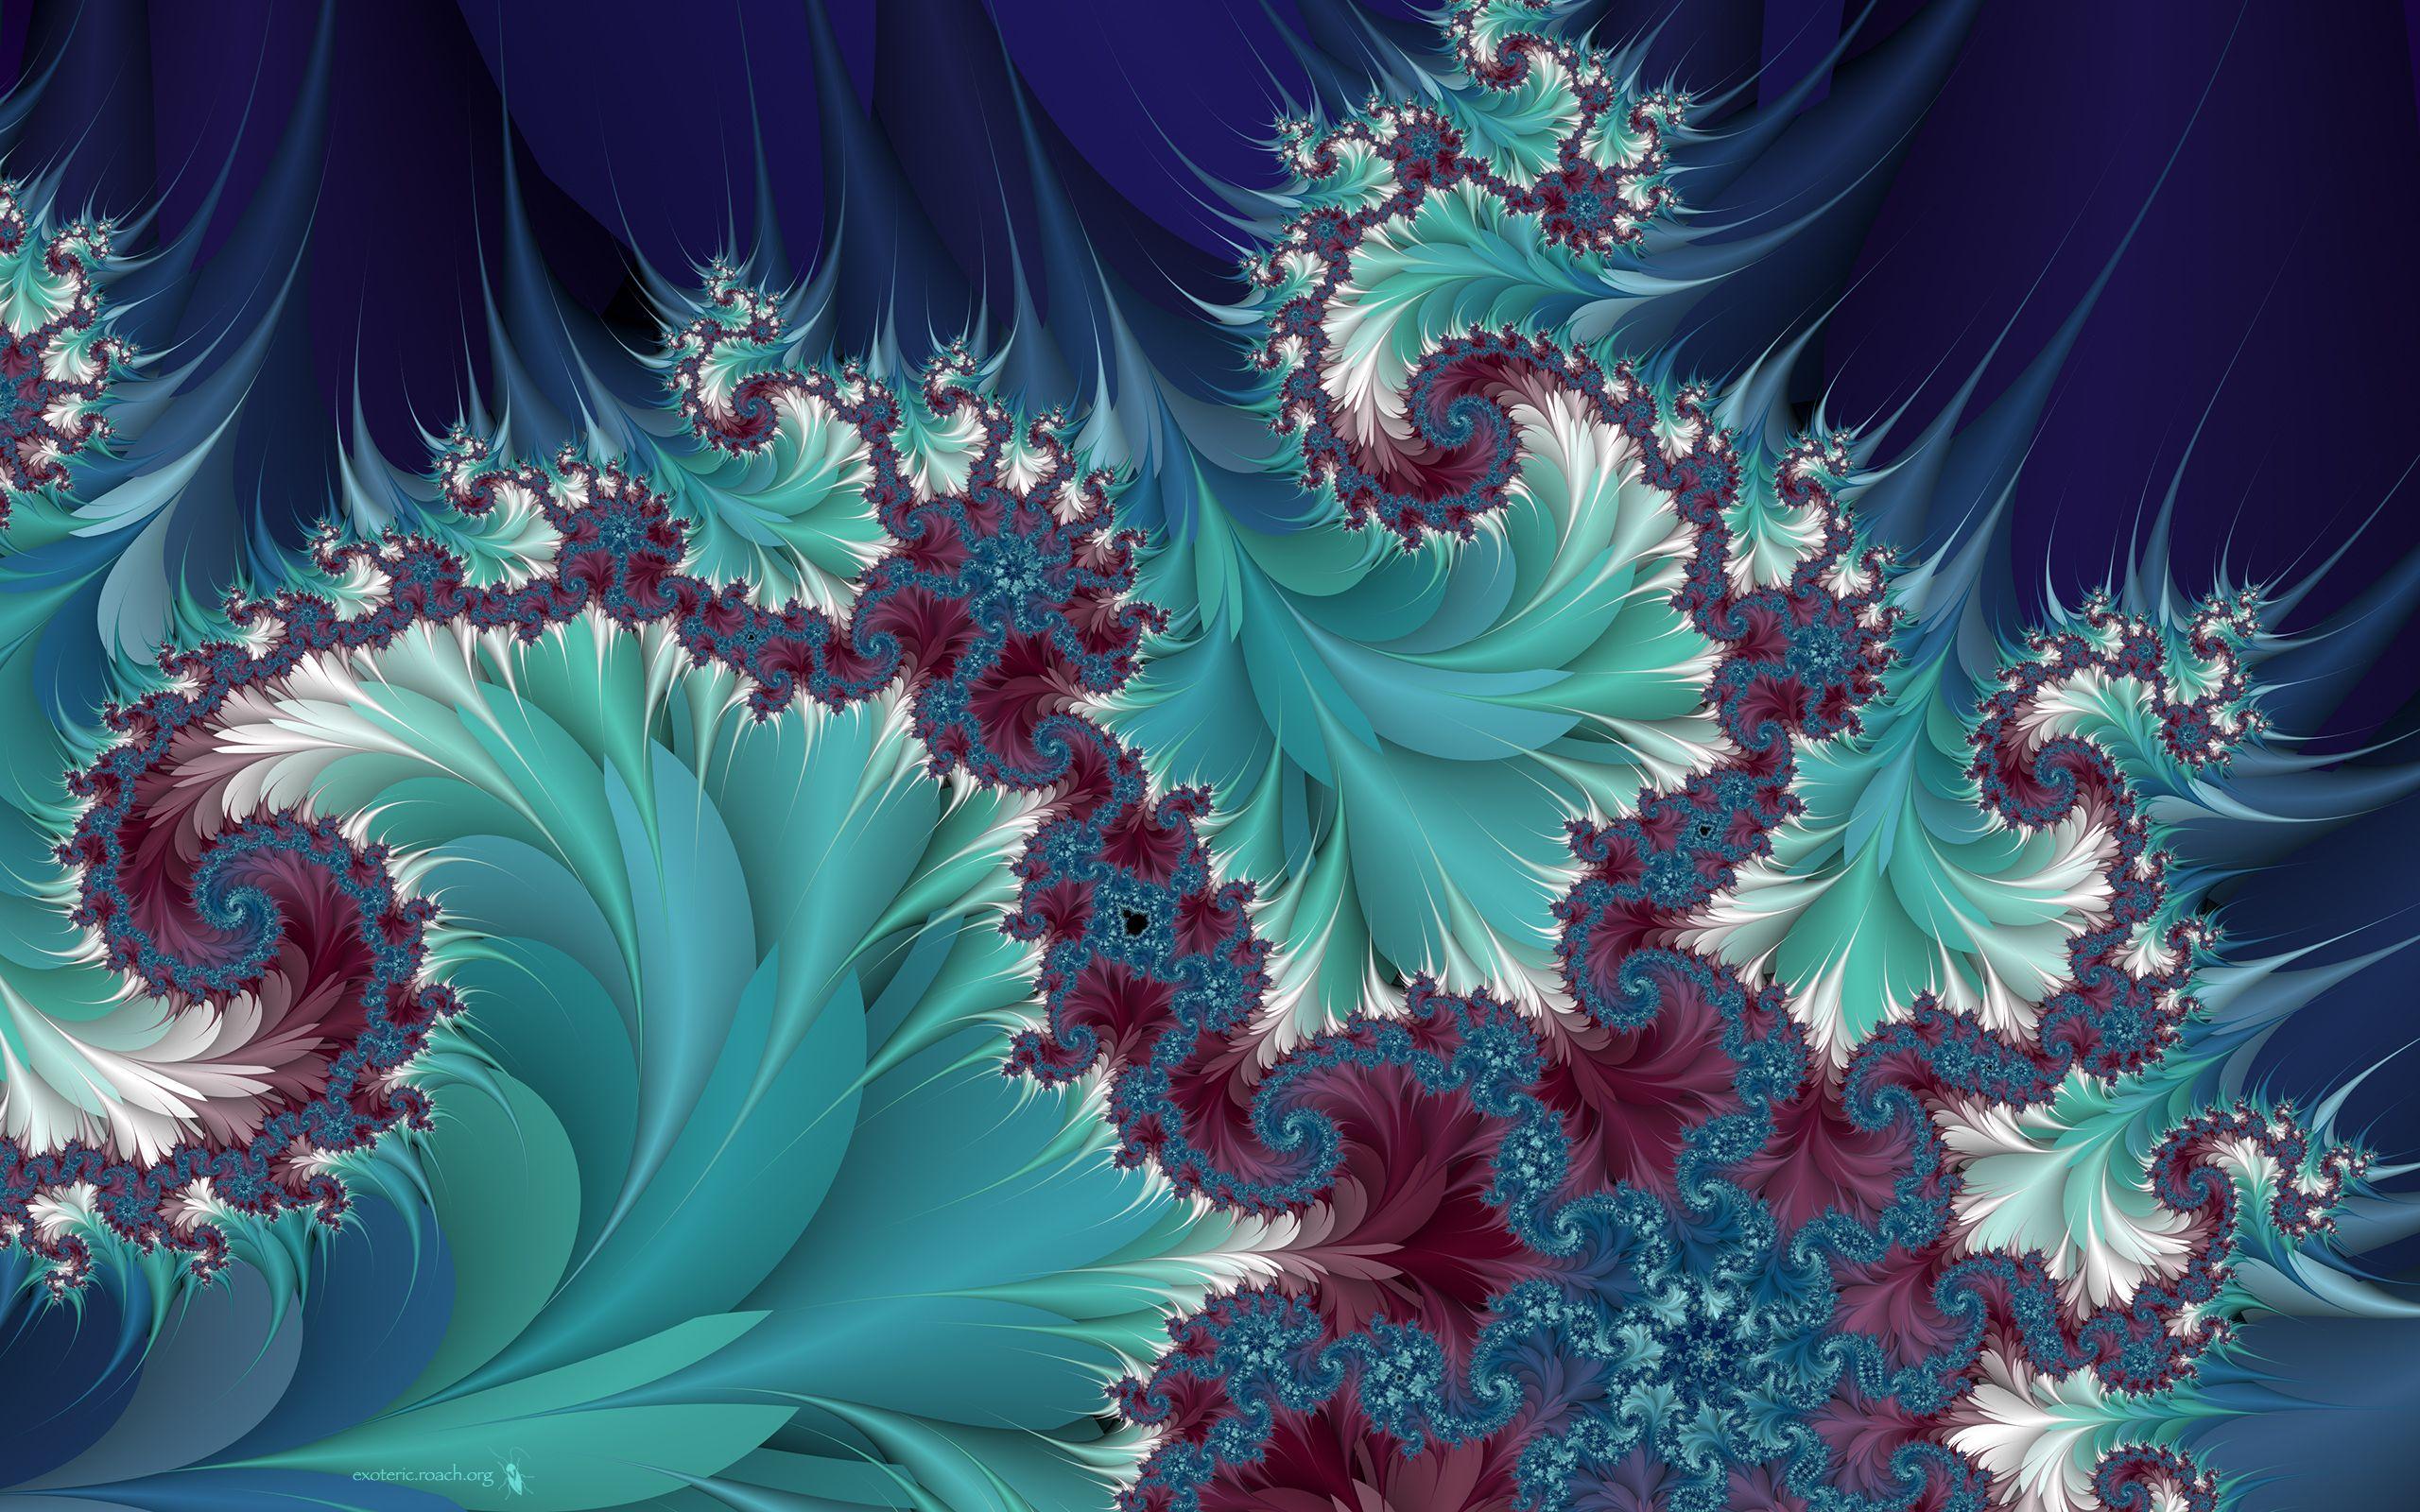 pin wallpapers pokemon fractal - photo #35